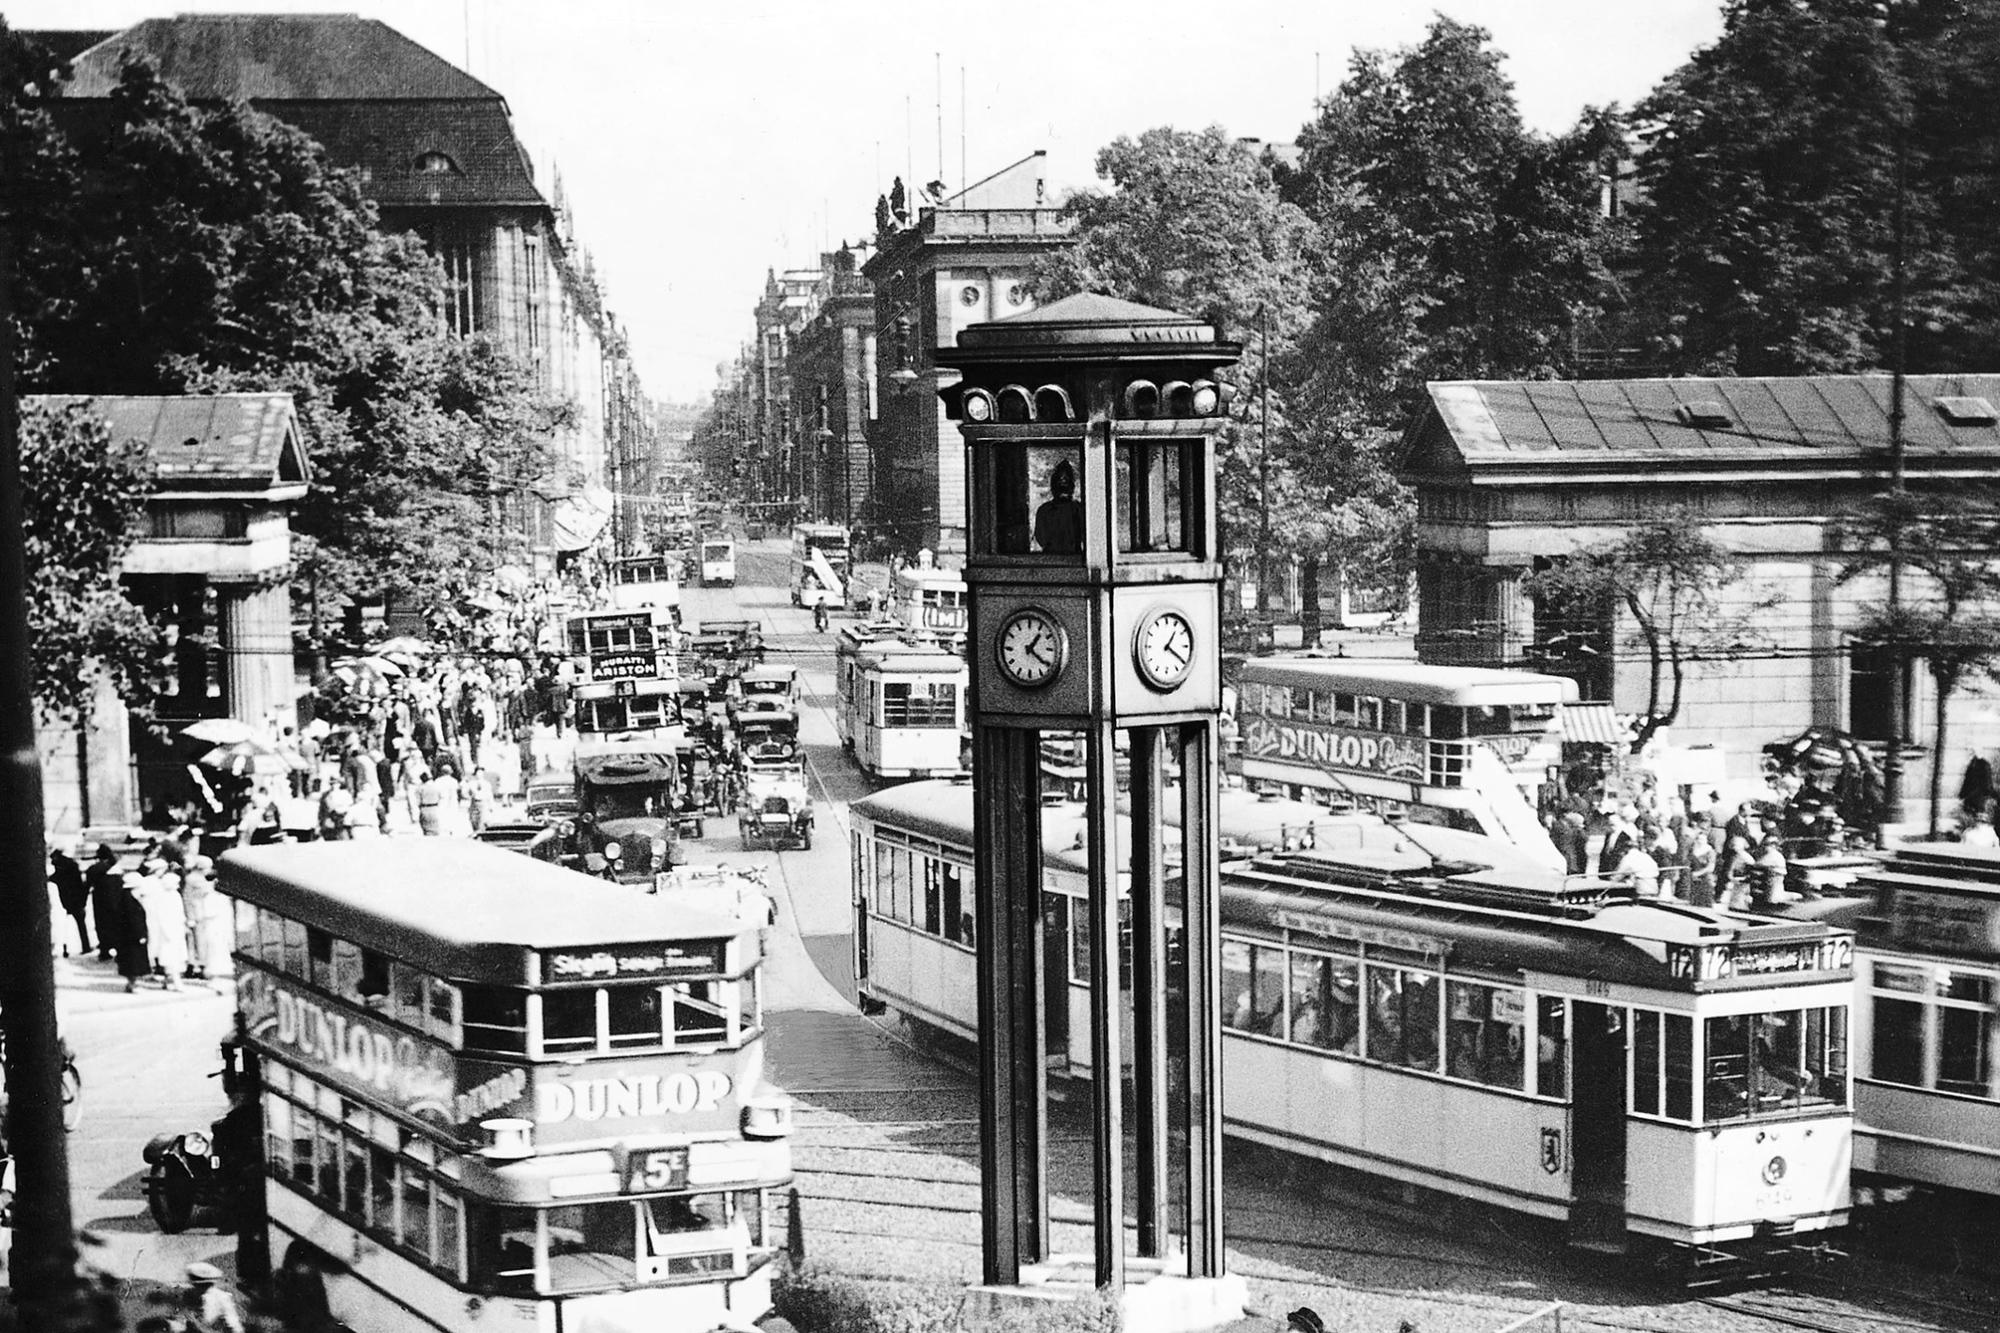 100 Jahre Ampel - Licht und Ordnung